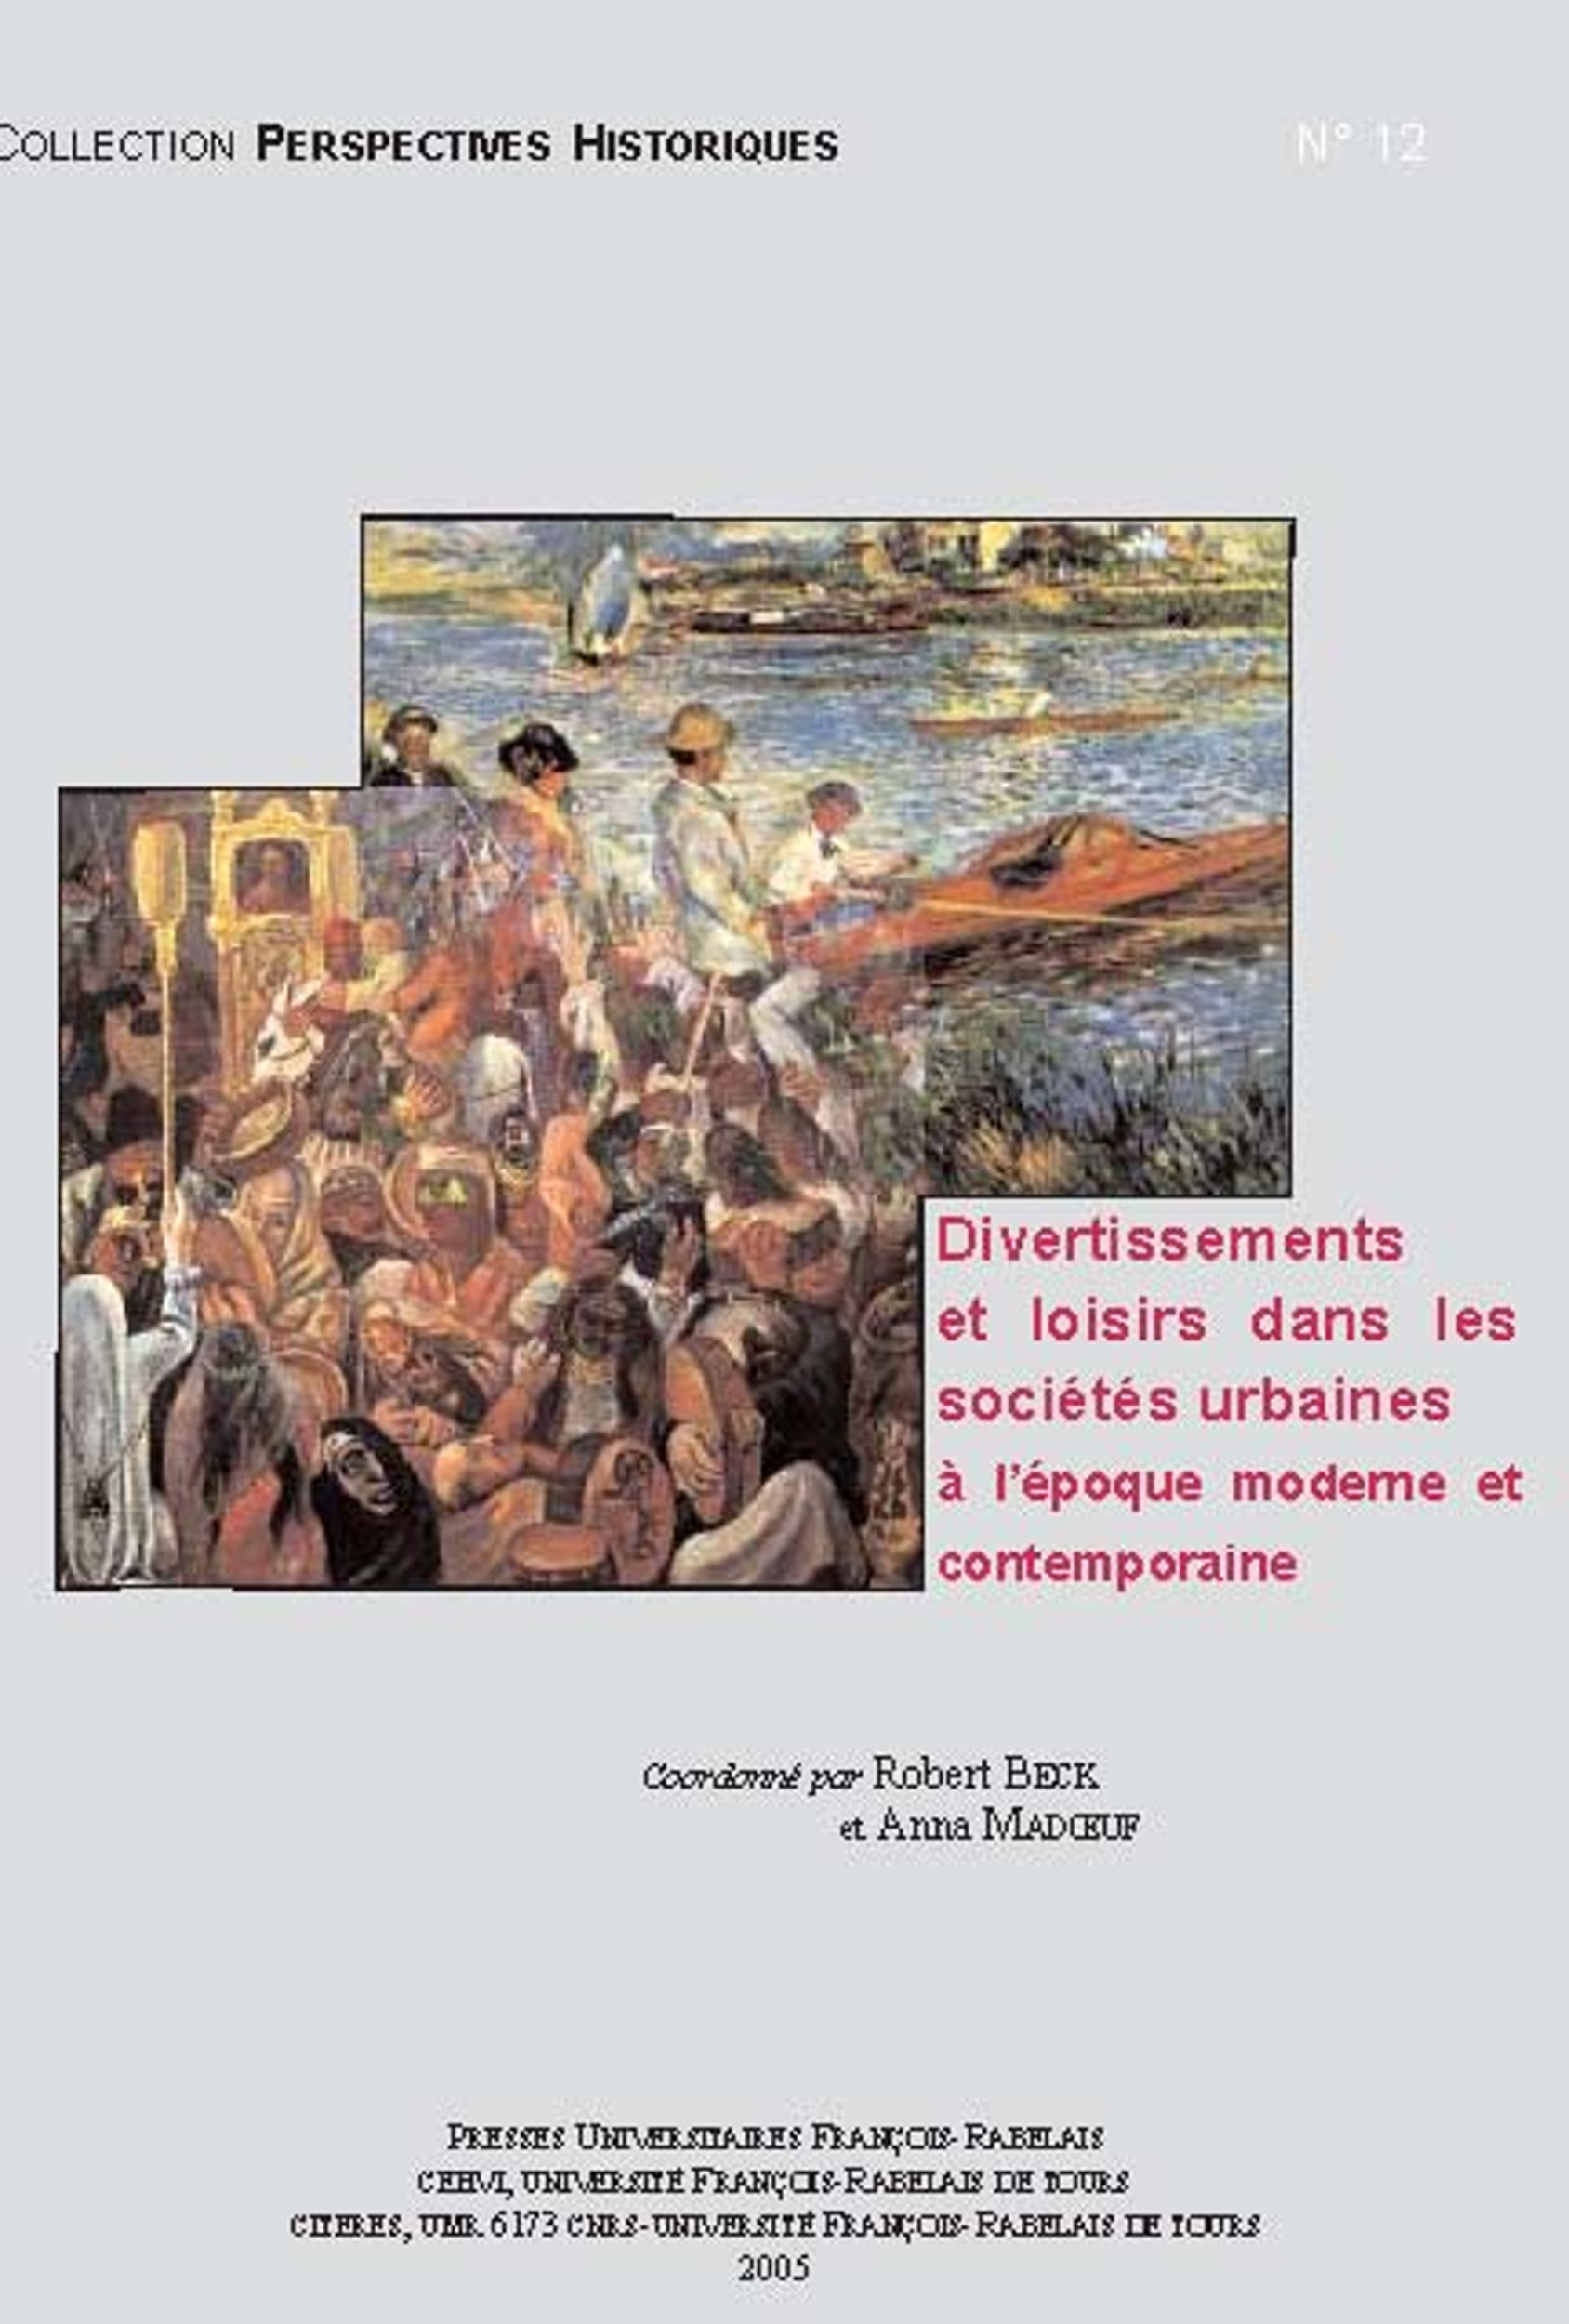 Divertissements et loisirs dans les sociétés urbaines à l'époque moderne et contemporaine